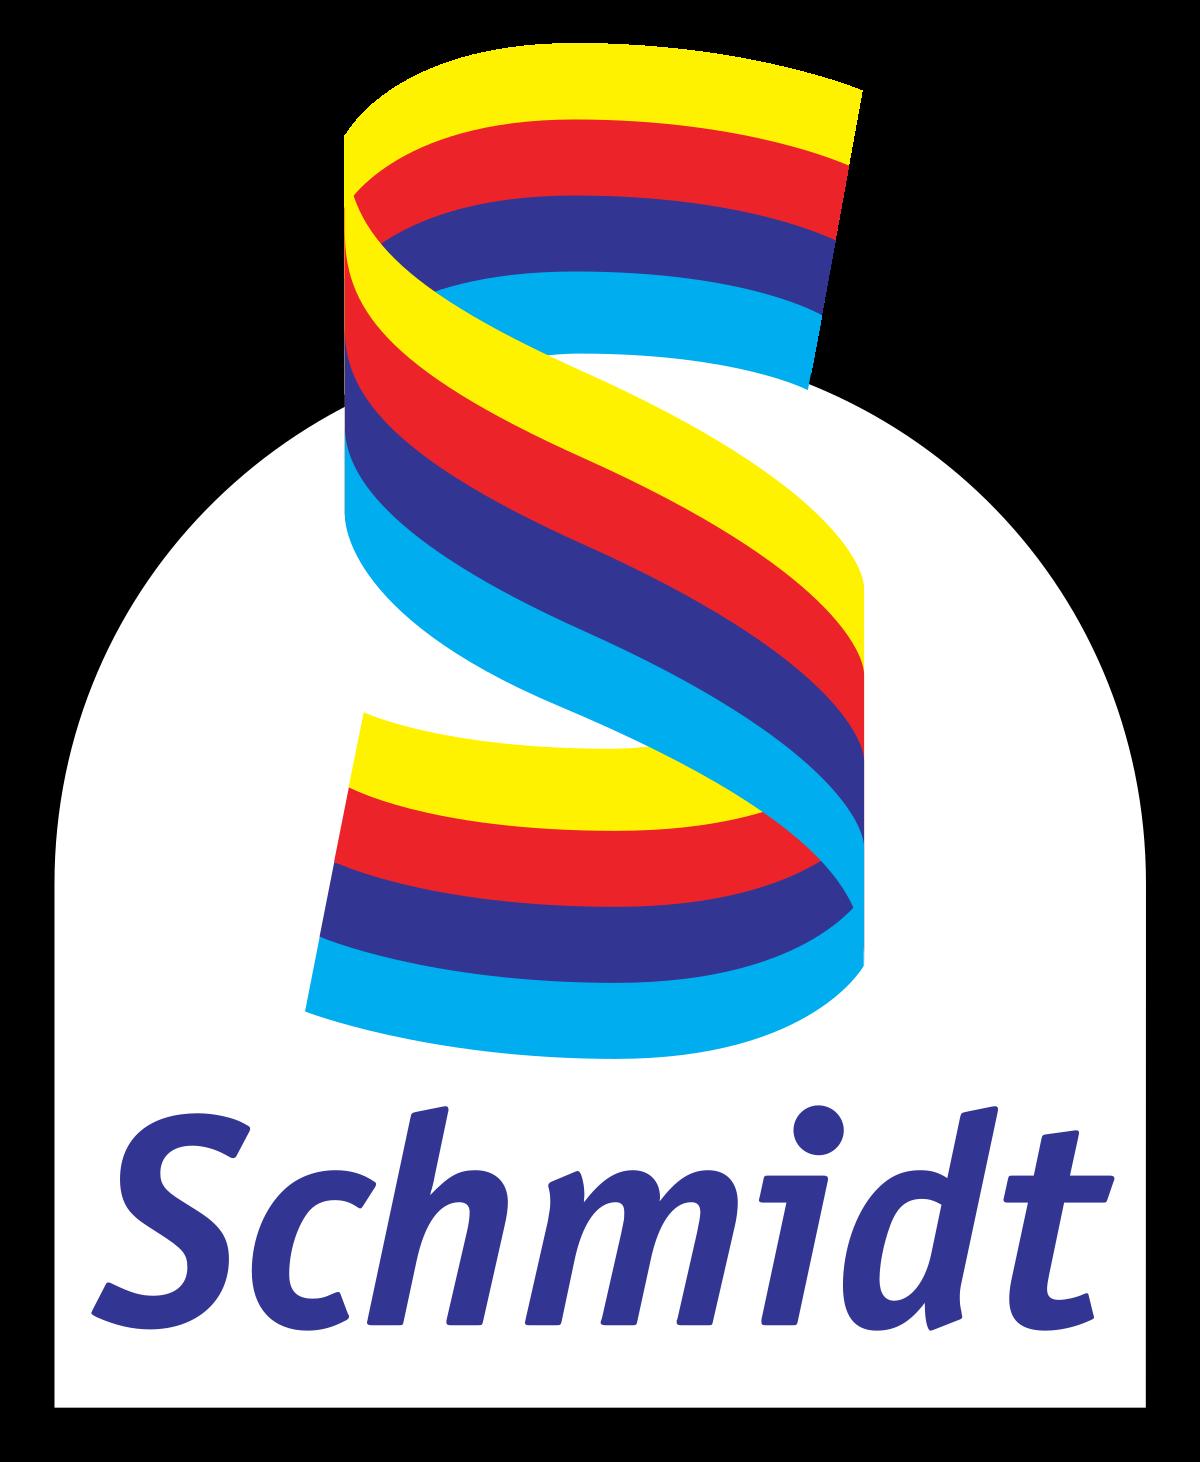 Schmidt-Spiele + Selecta